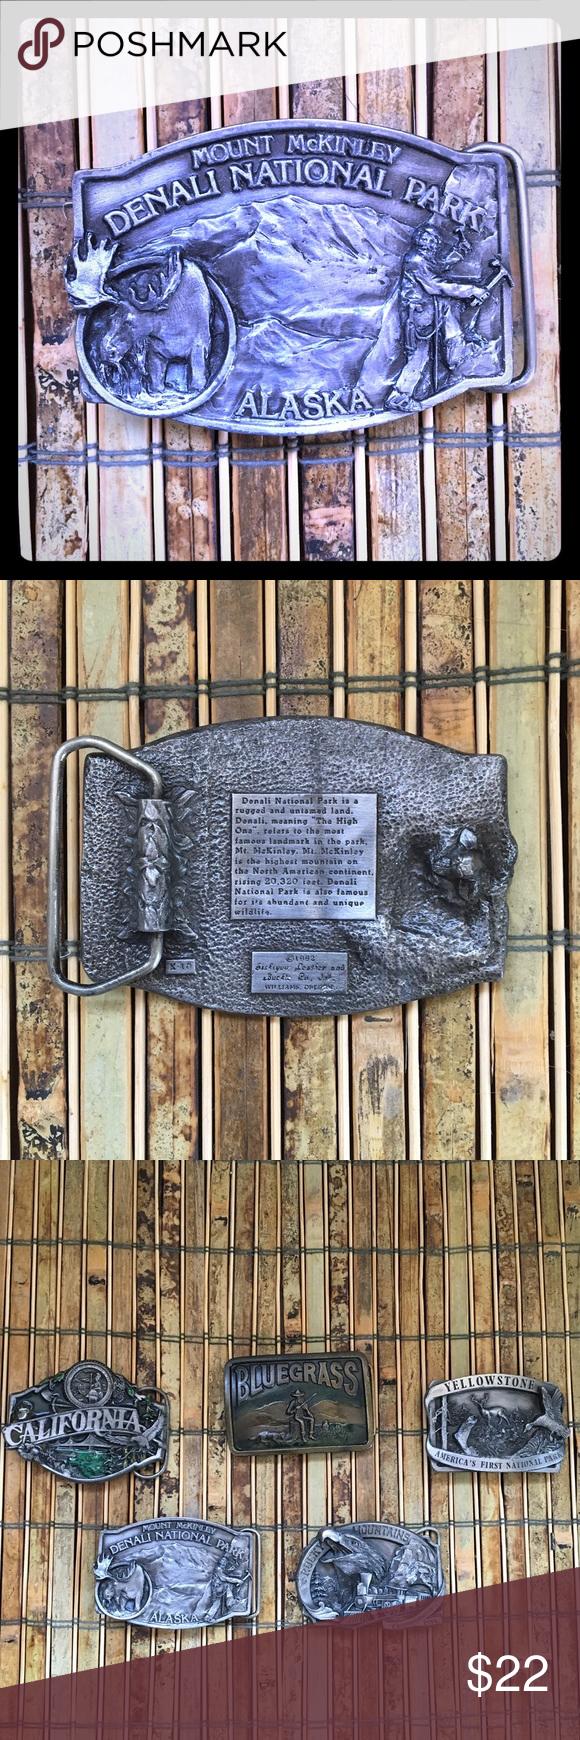 Vintage Alaska belt buckle! Vintage pewter Alaska belt buckle- Denali National Park! Accessories Belts